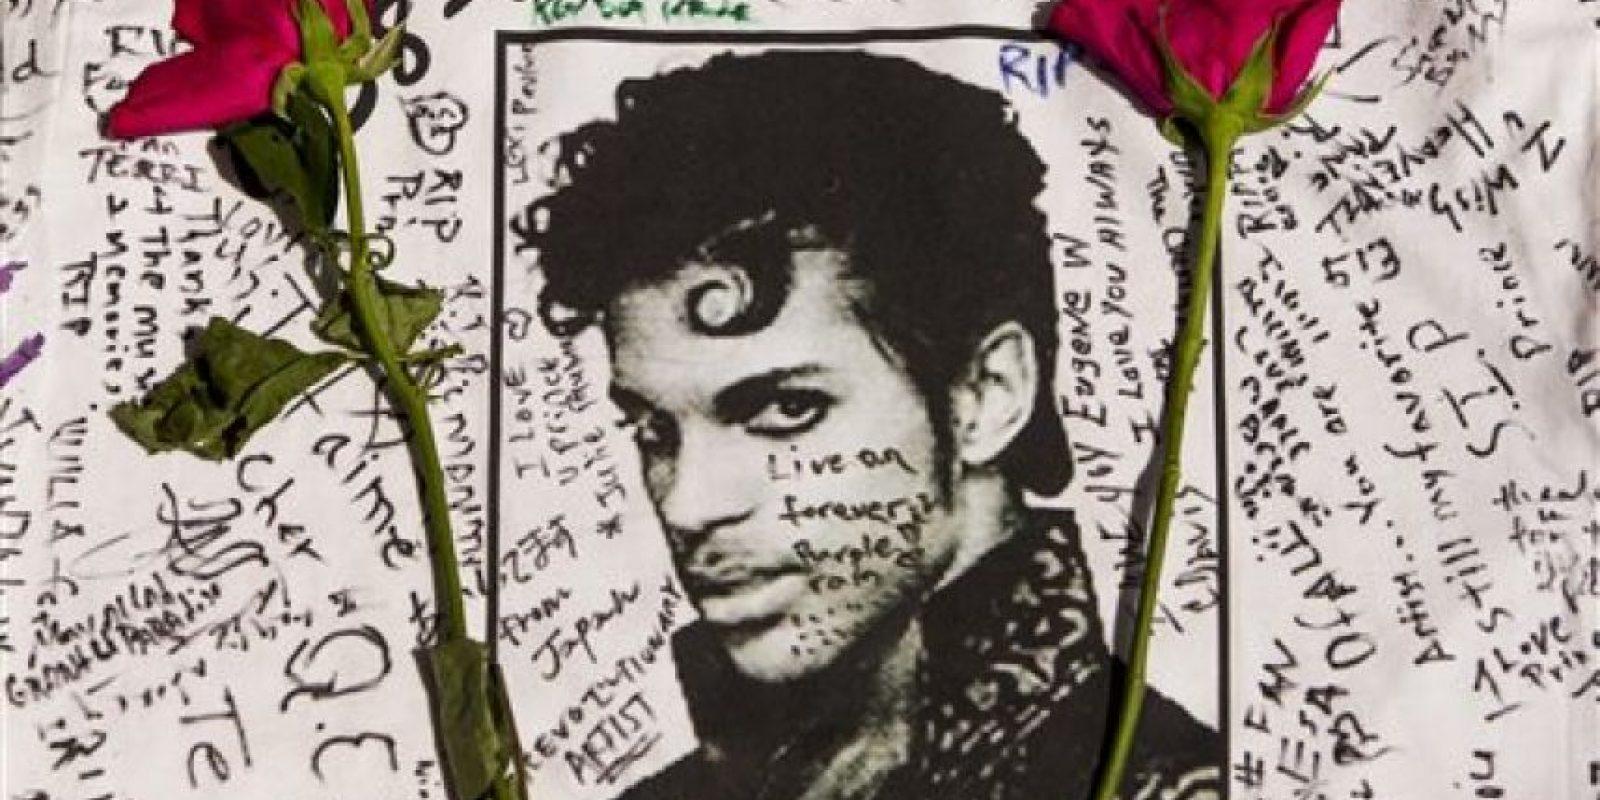 Así se recordó a Prince en todo el mundo Foto:AP